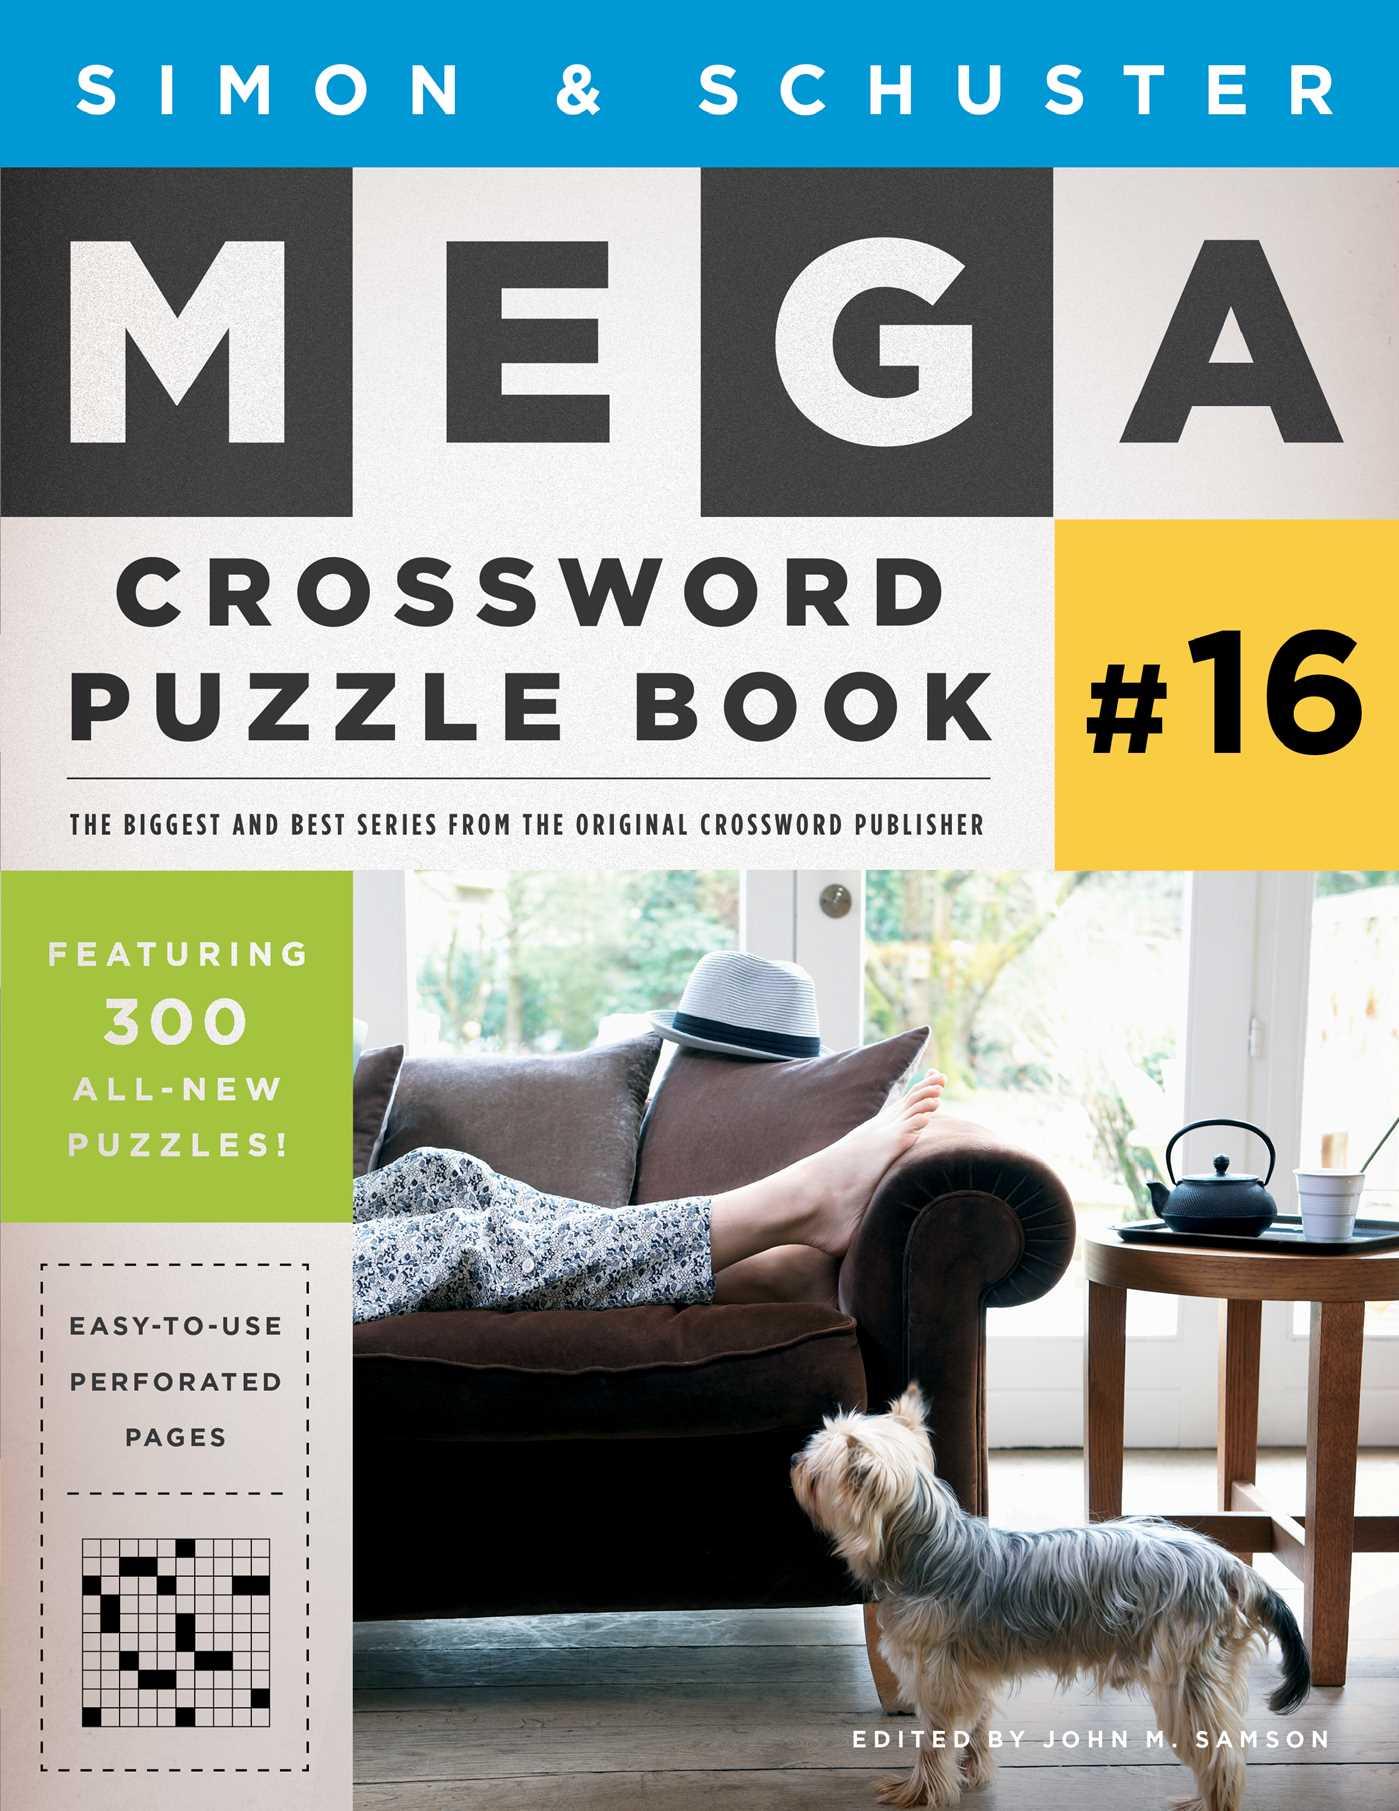 Simon schuster mega crossword puzzle book 16 9781501138010 hr